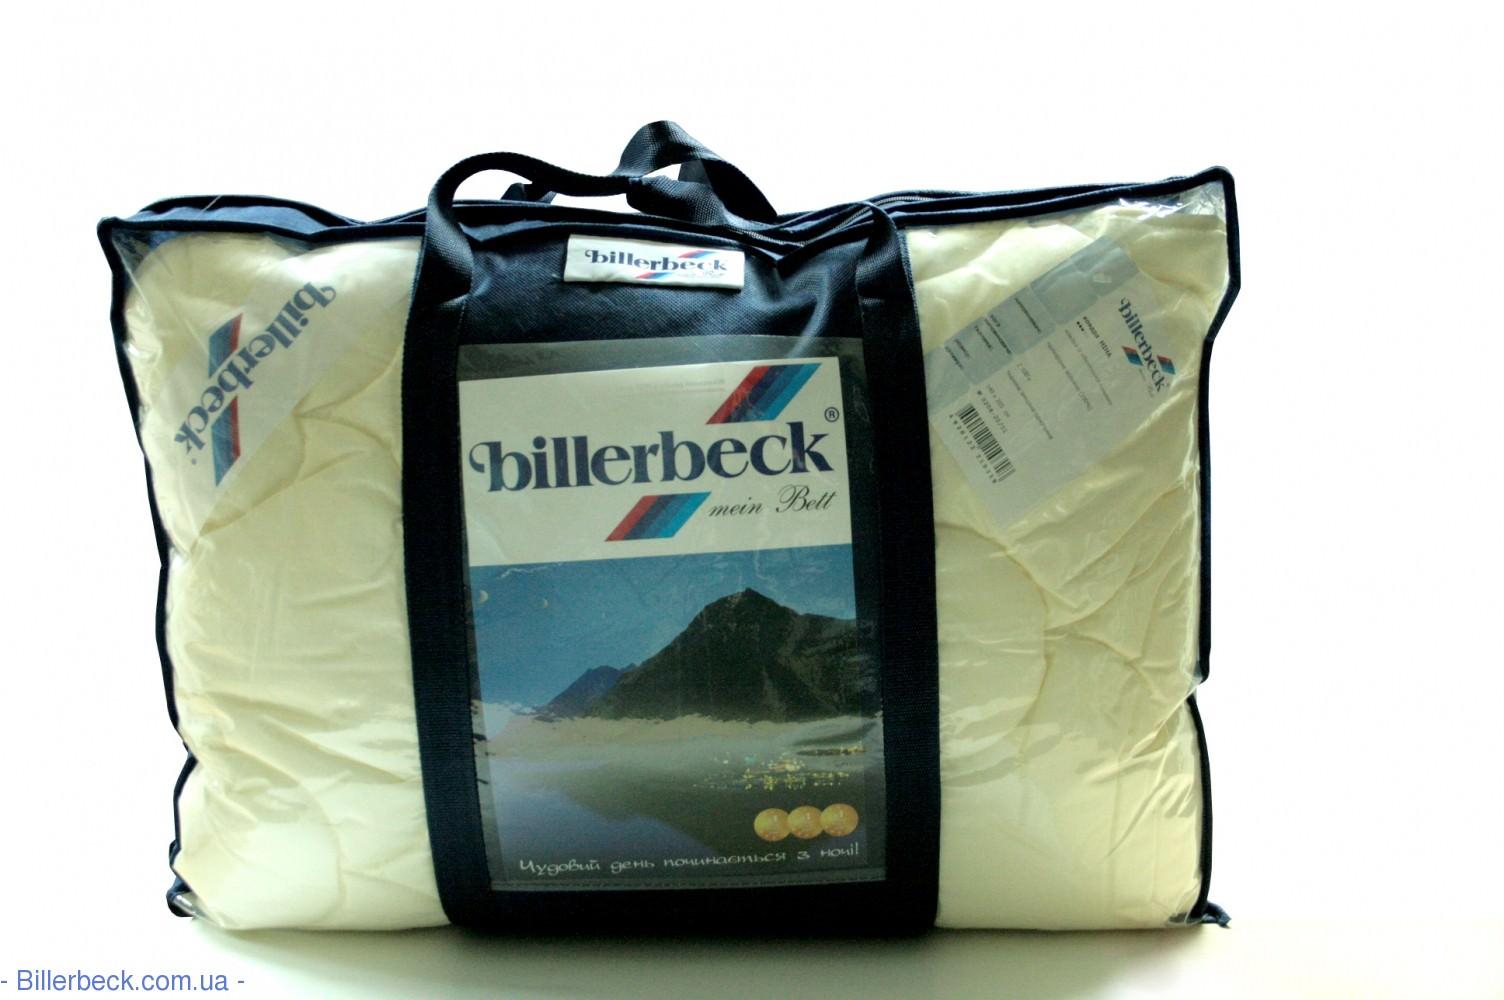 Одеяло Нина облегченное Billerbeck - 4